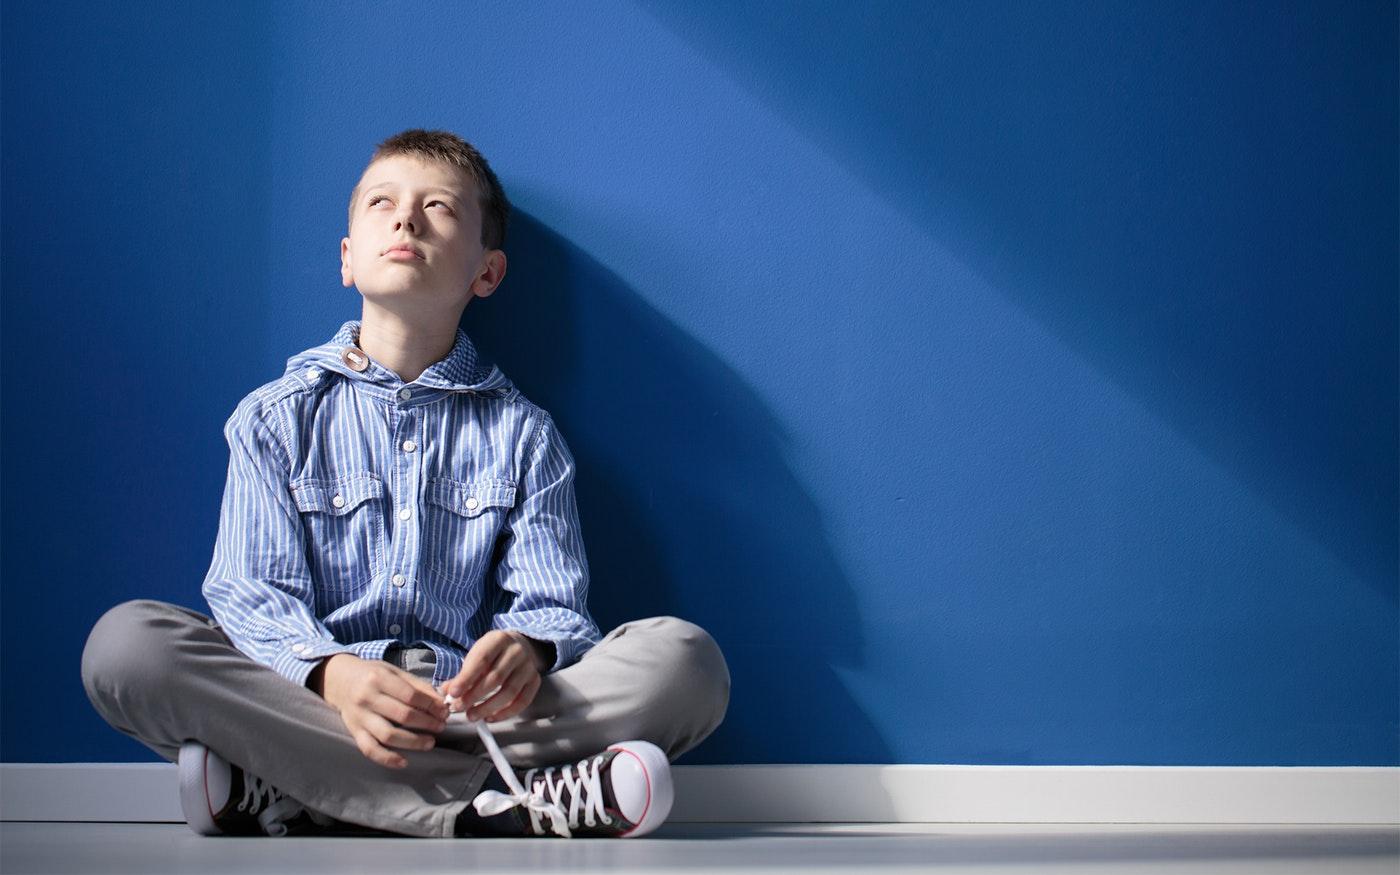 علاج أسبرجر عند الأطفال